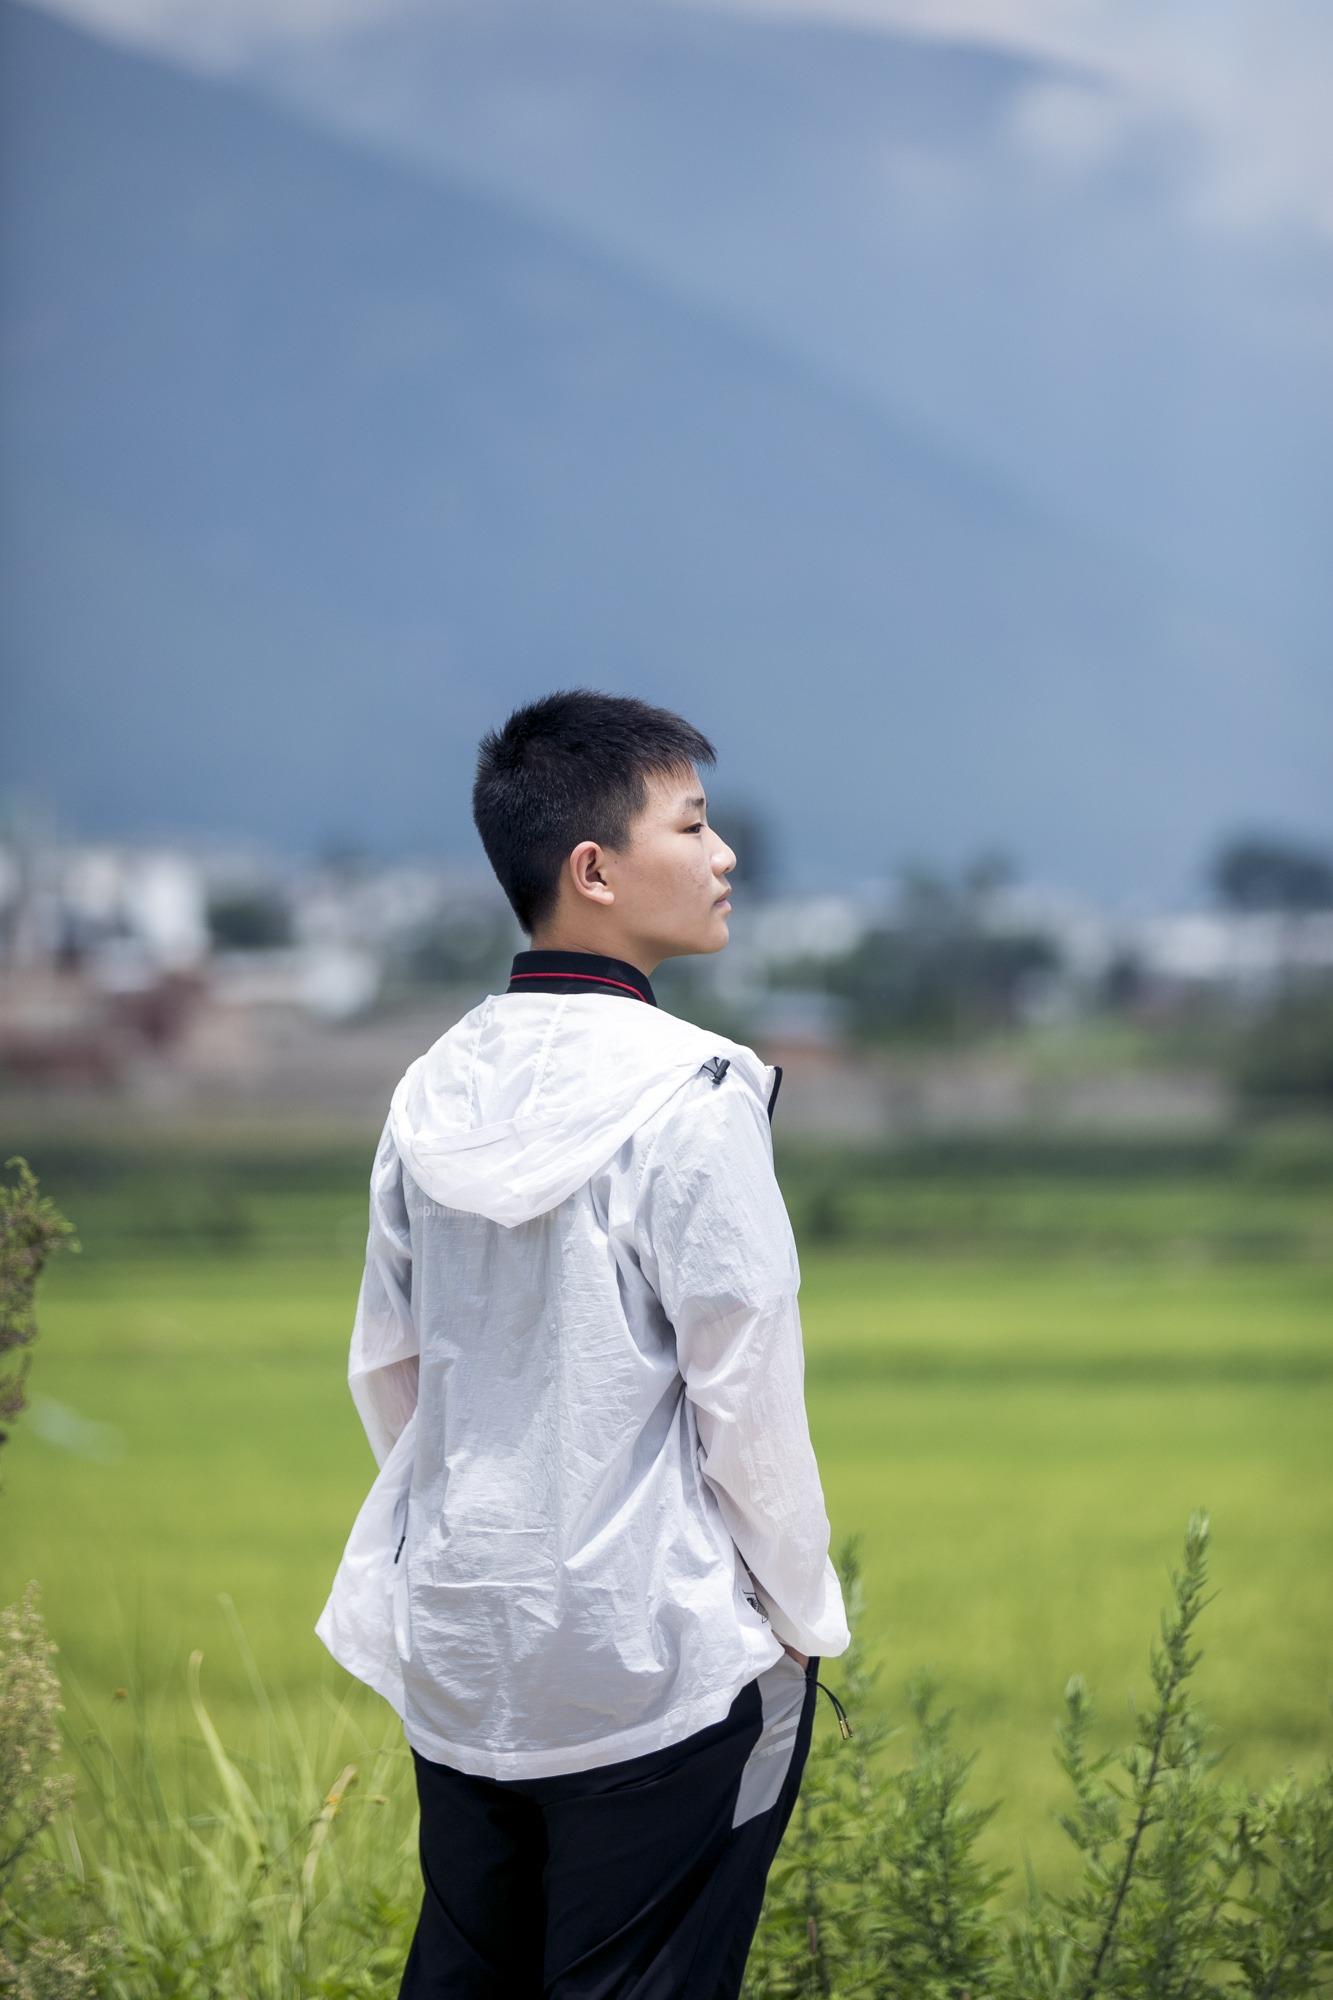 大理不止有浪漫的風花雪月,8月的稻田里,藏著最美的田園詩意